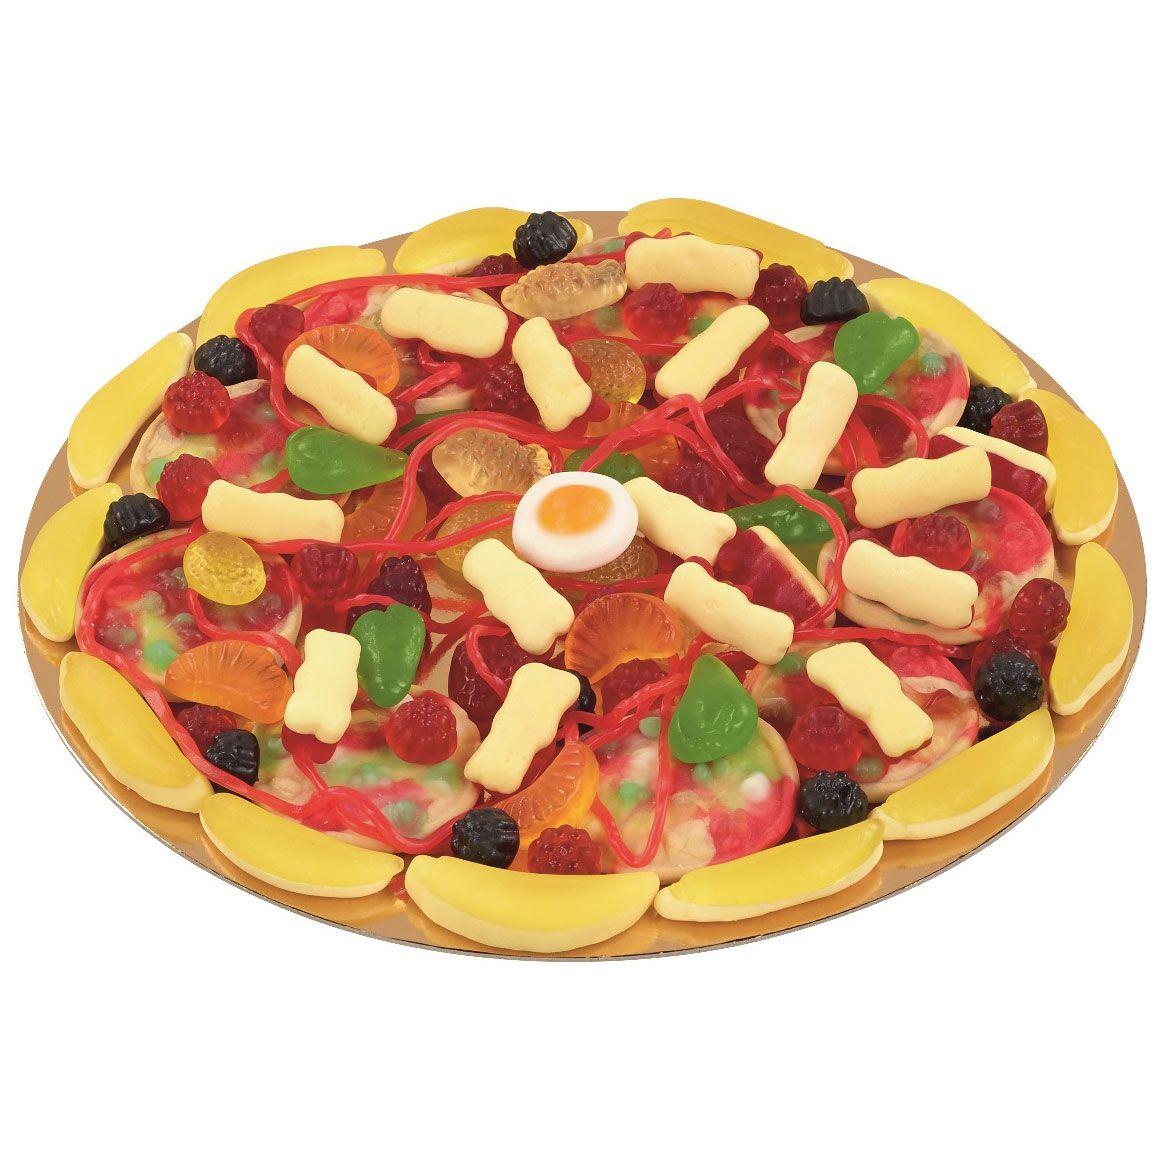 Le Nouveau Bonbon Candy Pizza De La Marque Look O Look Avec 24 Cm De Diametre Est Similaire Une Pizza Traditionnelle Candy Pizza Healthy Candy Fruit Jelly